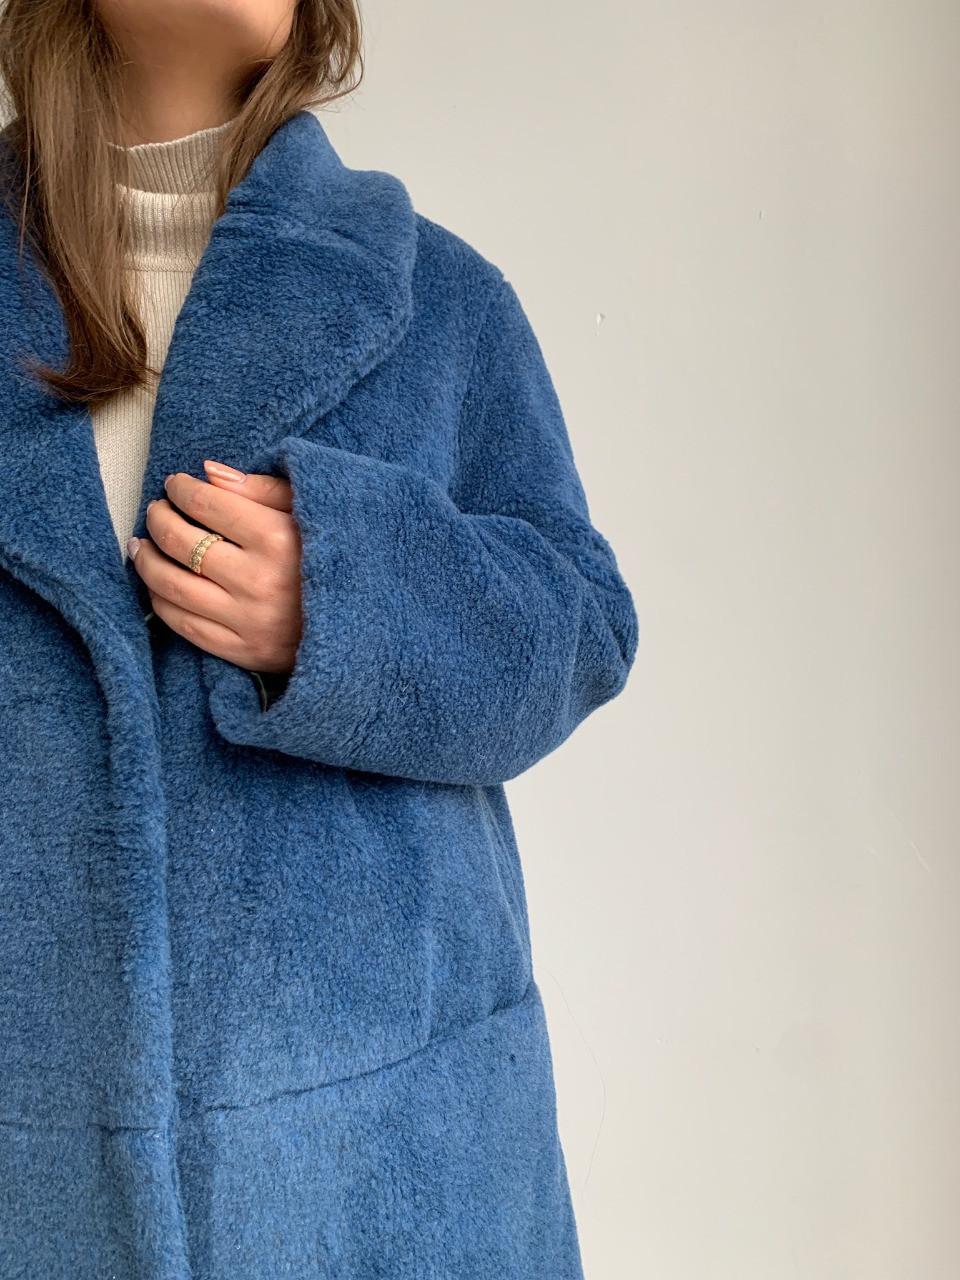 Шуба из натуральной стриженой овечьей шерсти длина 110 см, прорезные карманы, джинсовый цвет - фото 2